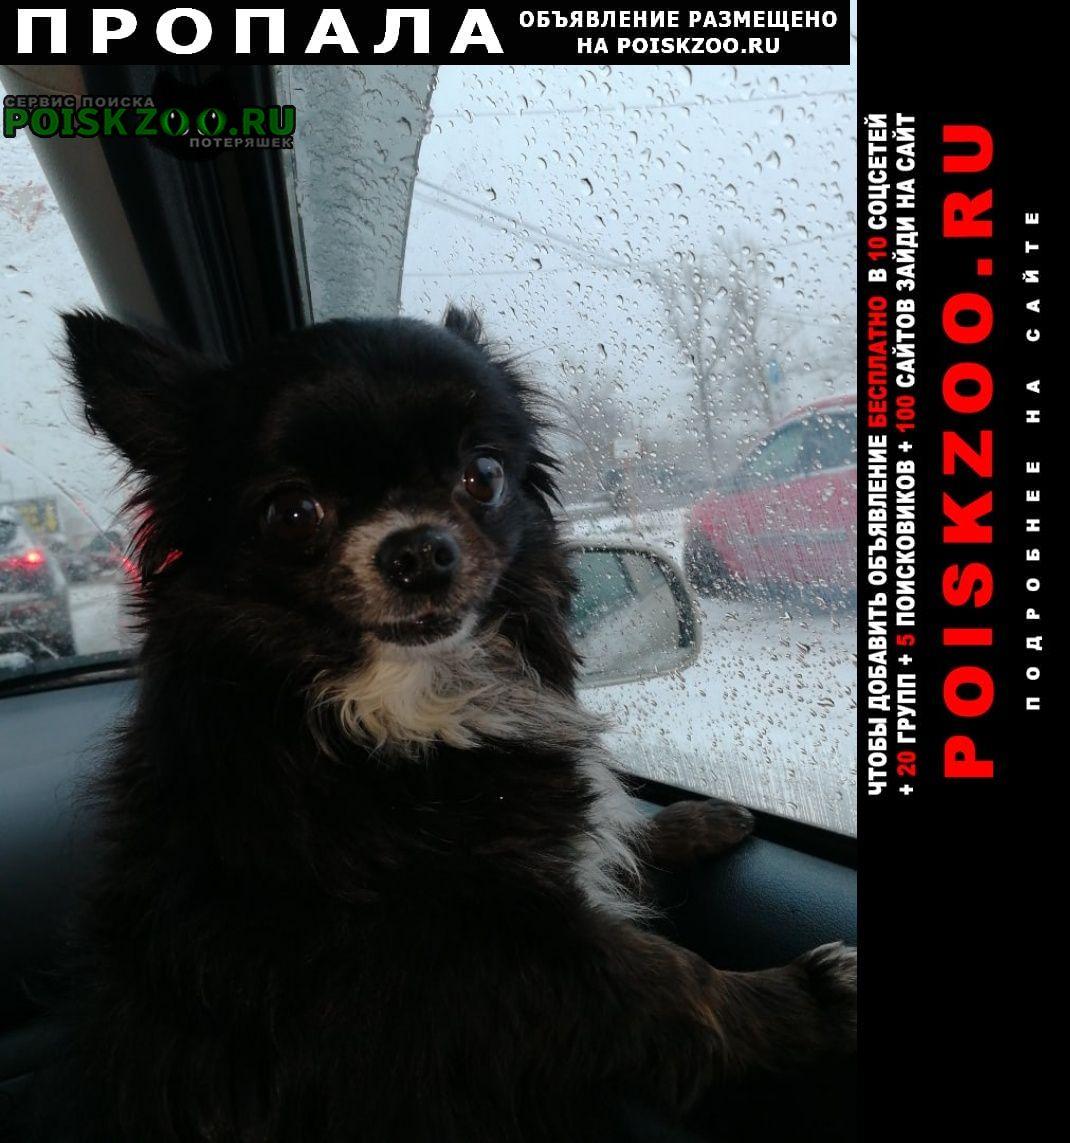 Пропала собака кобель в диево-городище Ярославль